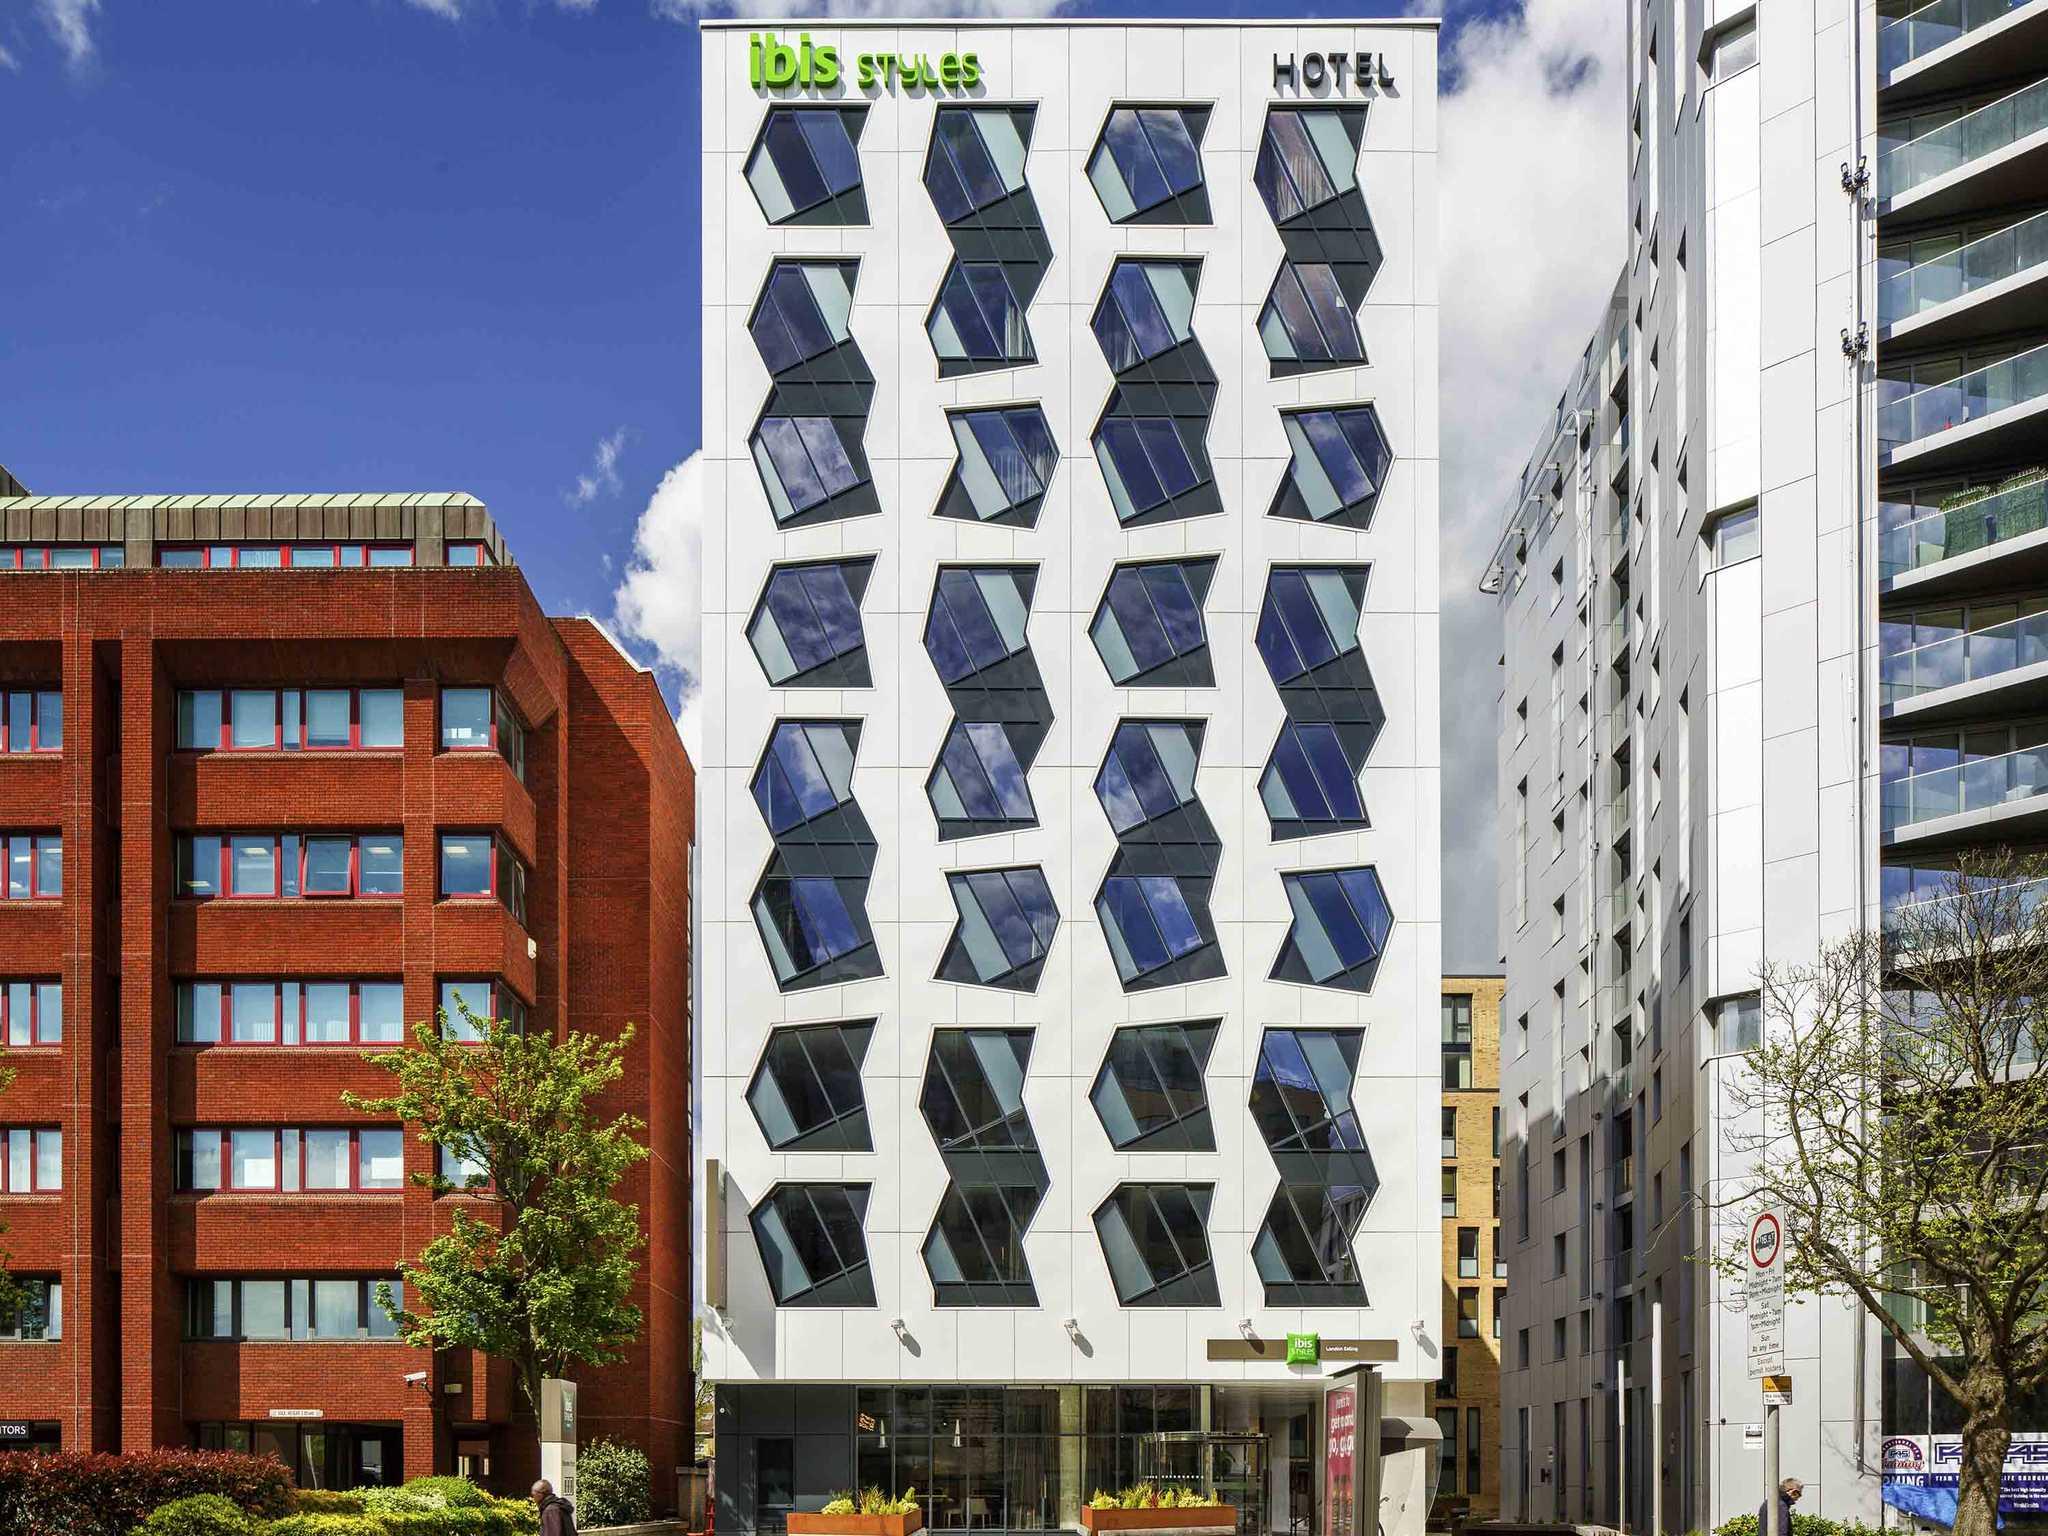 ホテル – イビス スタイルズ ロンドン イーリング(2018年6月オープン)